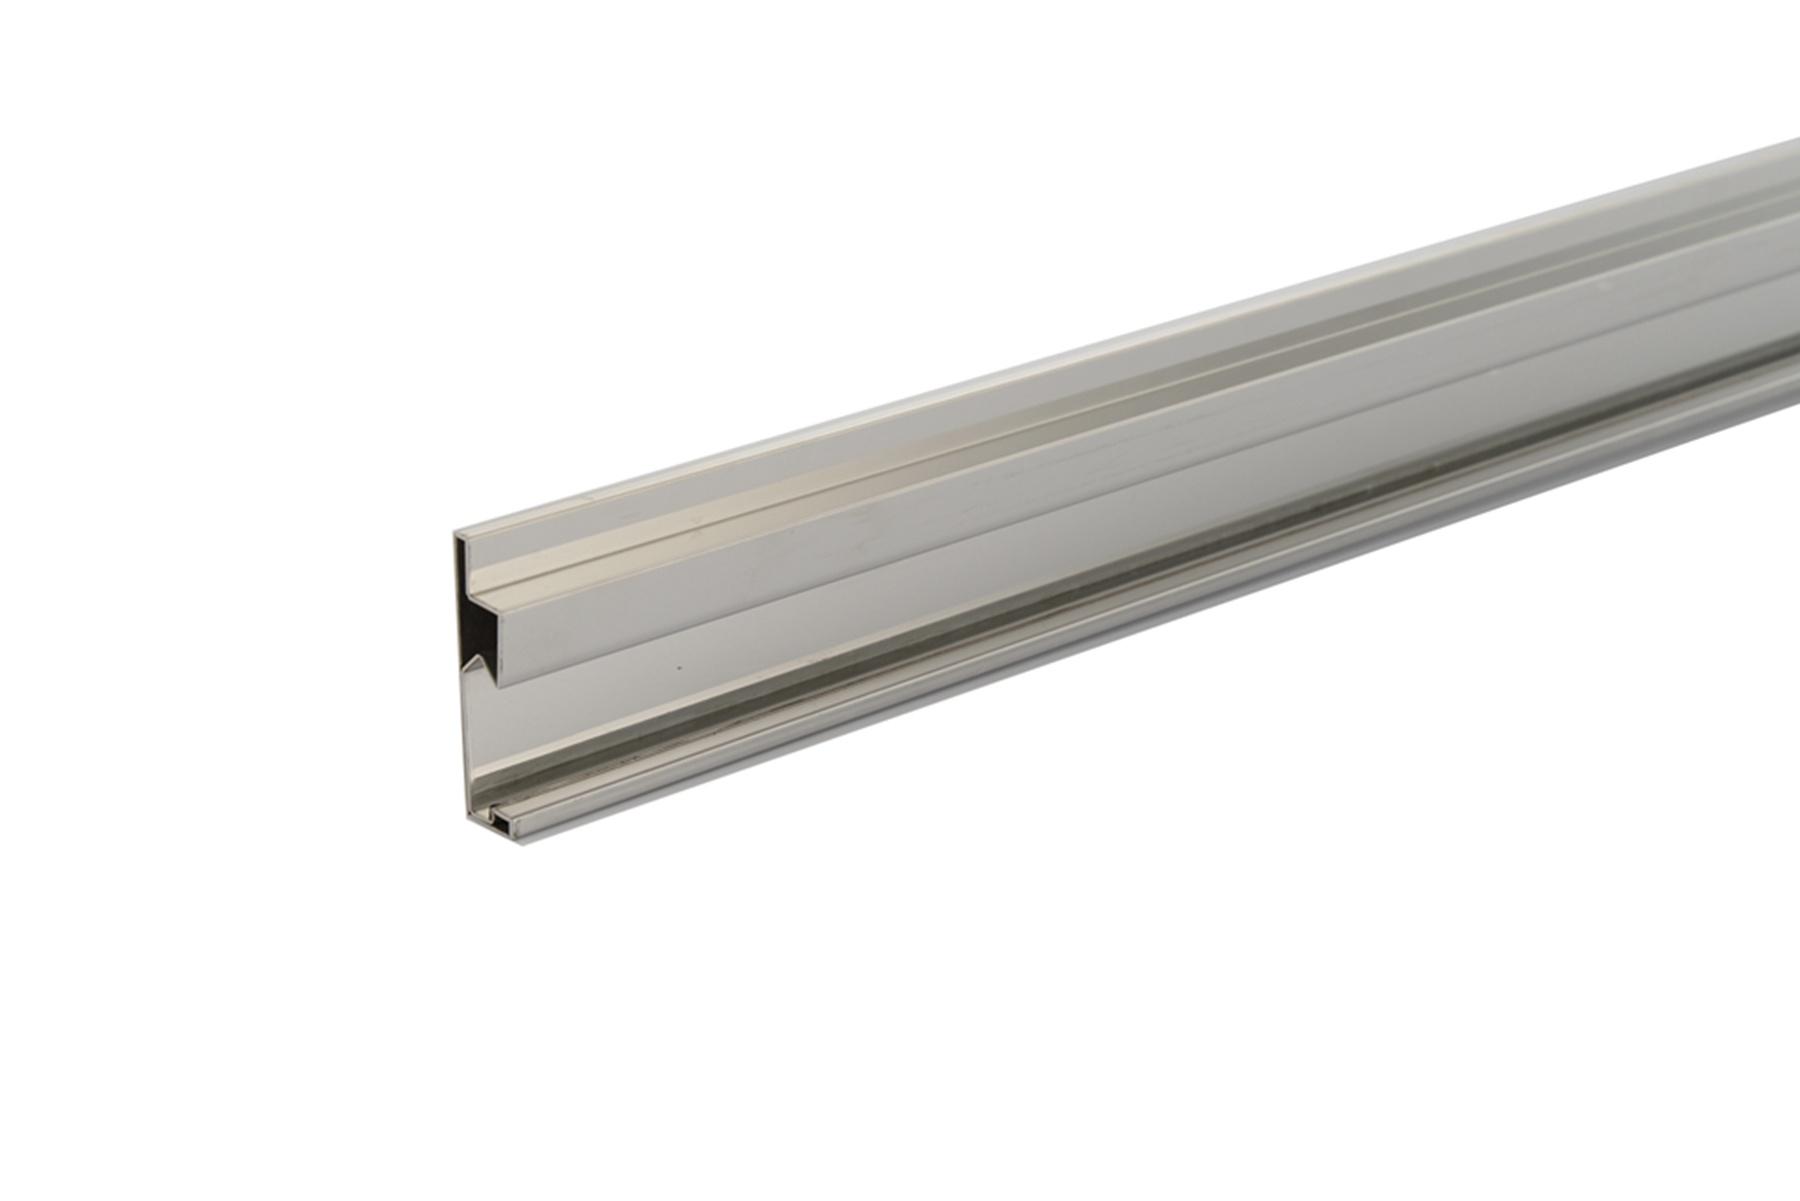 Ducha perfil deslizante de acero inoxidable ducha de - Perfil acero inoxidable precio ...